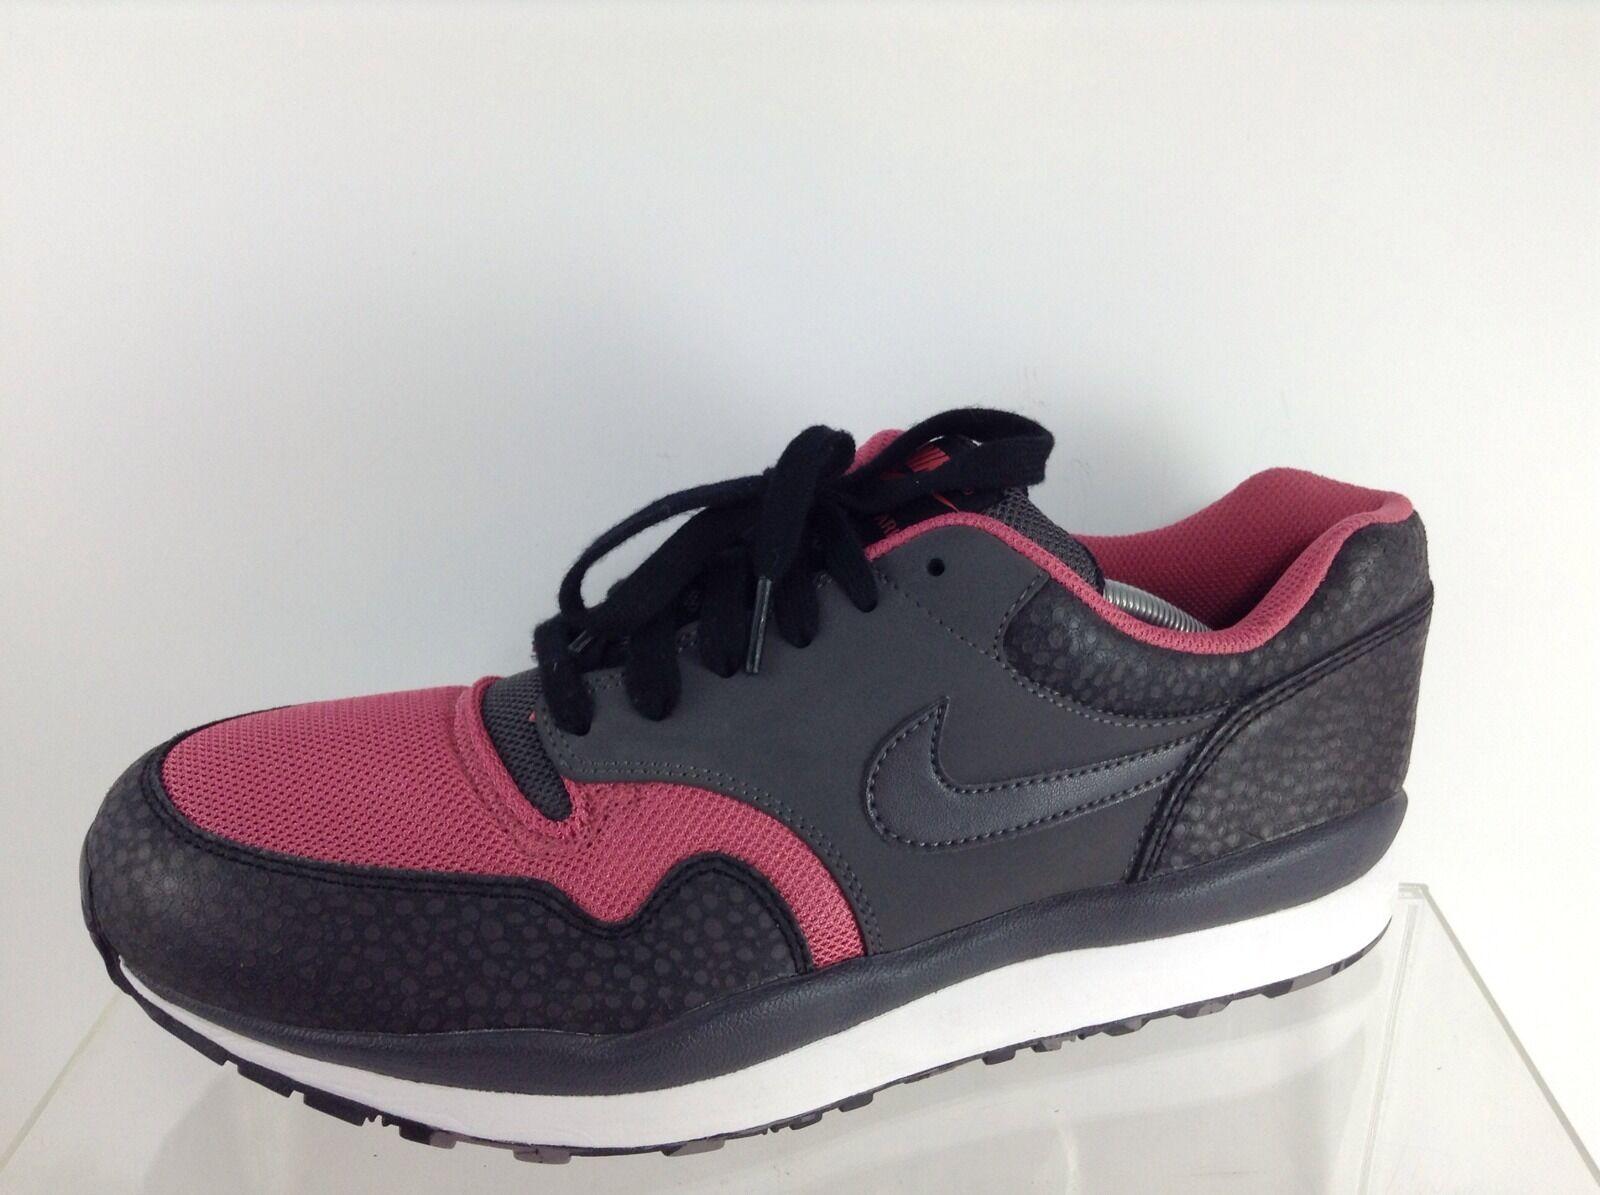 Nike Off Air Safari Mens Pink Off Nike Black Shoes 11.5 5209b5